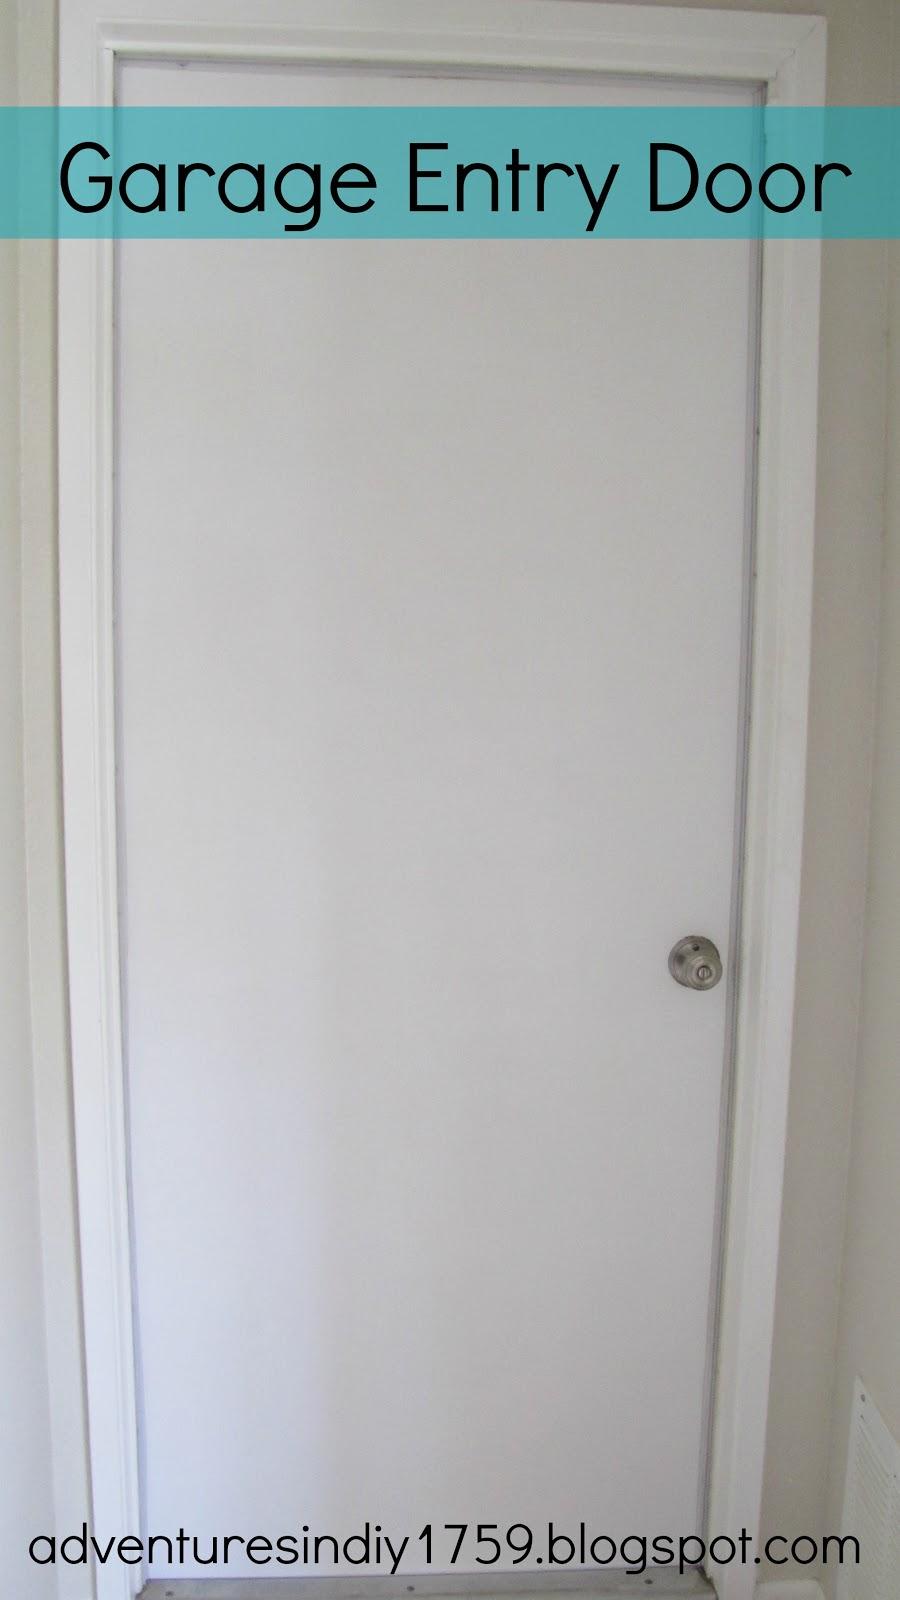 Adventures In Diy Garage Entry Door